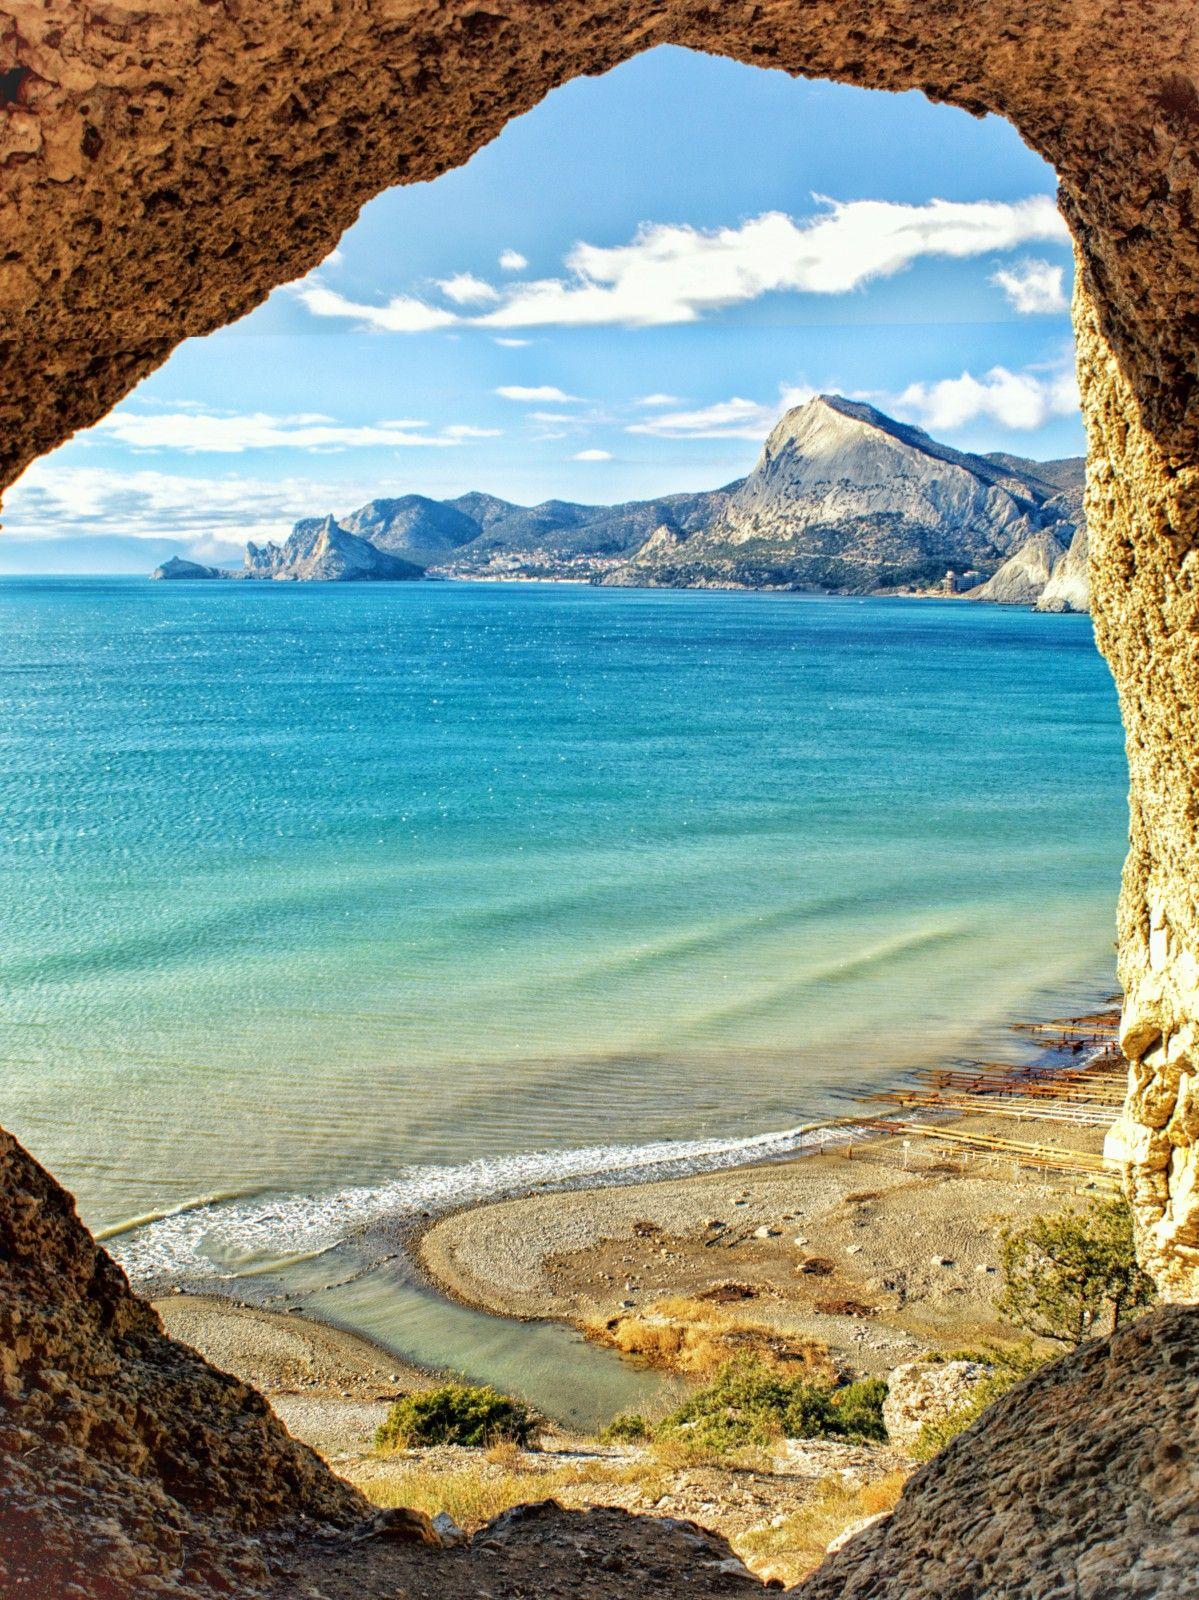 звезда красивые места на море в россии фото или кумушки самовара